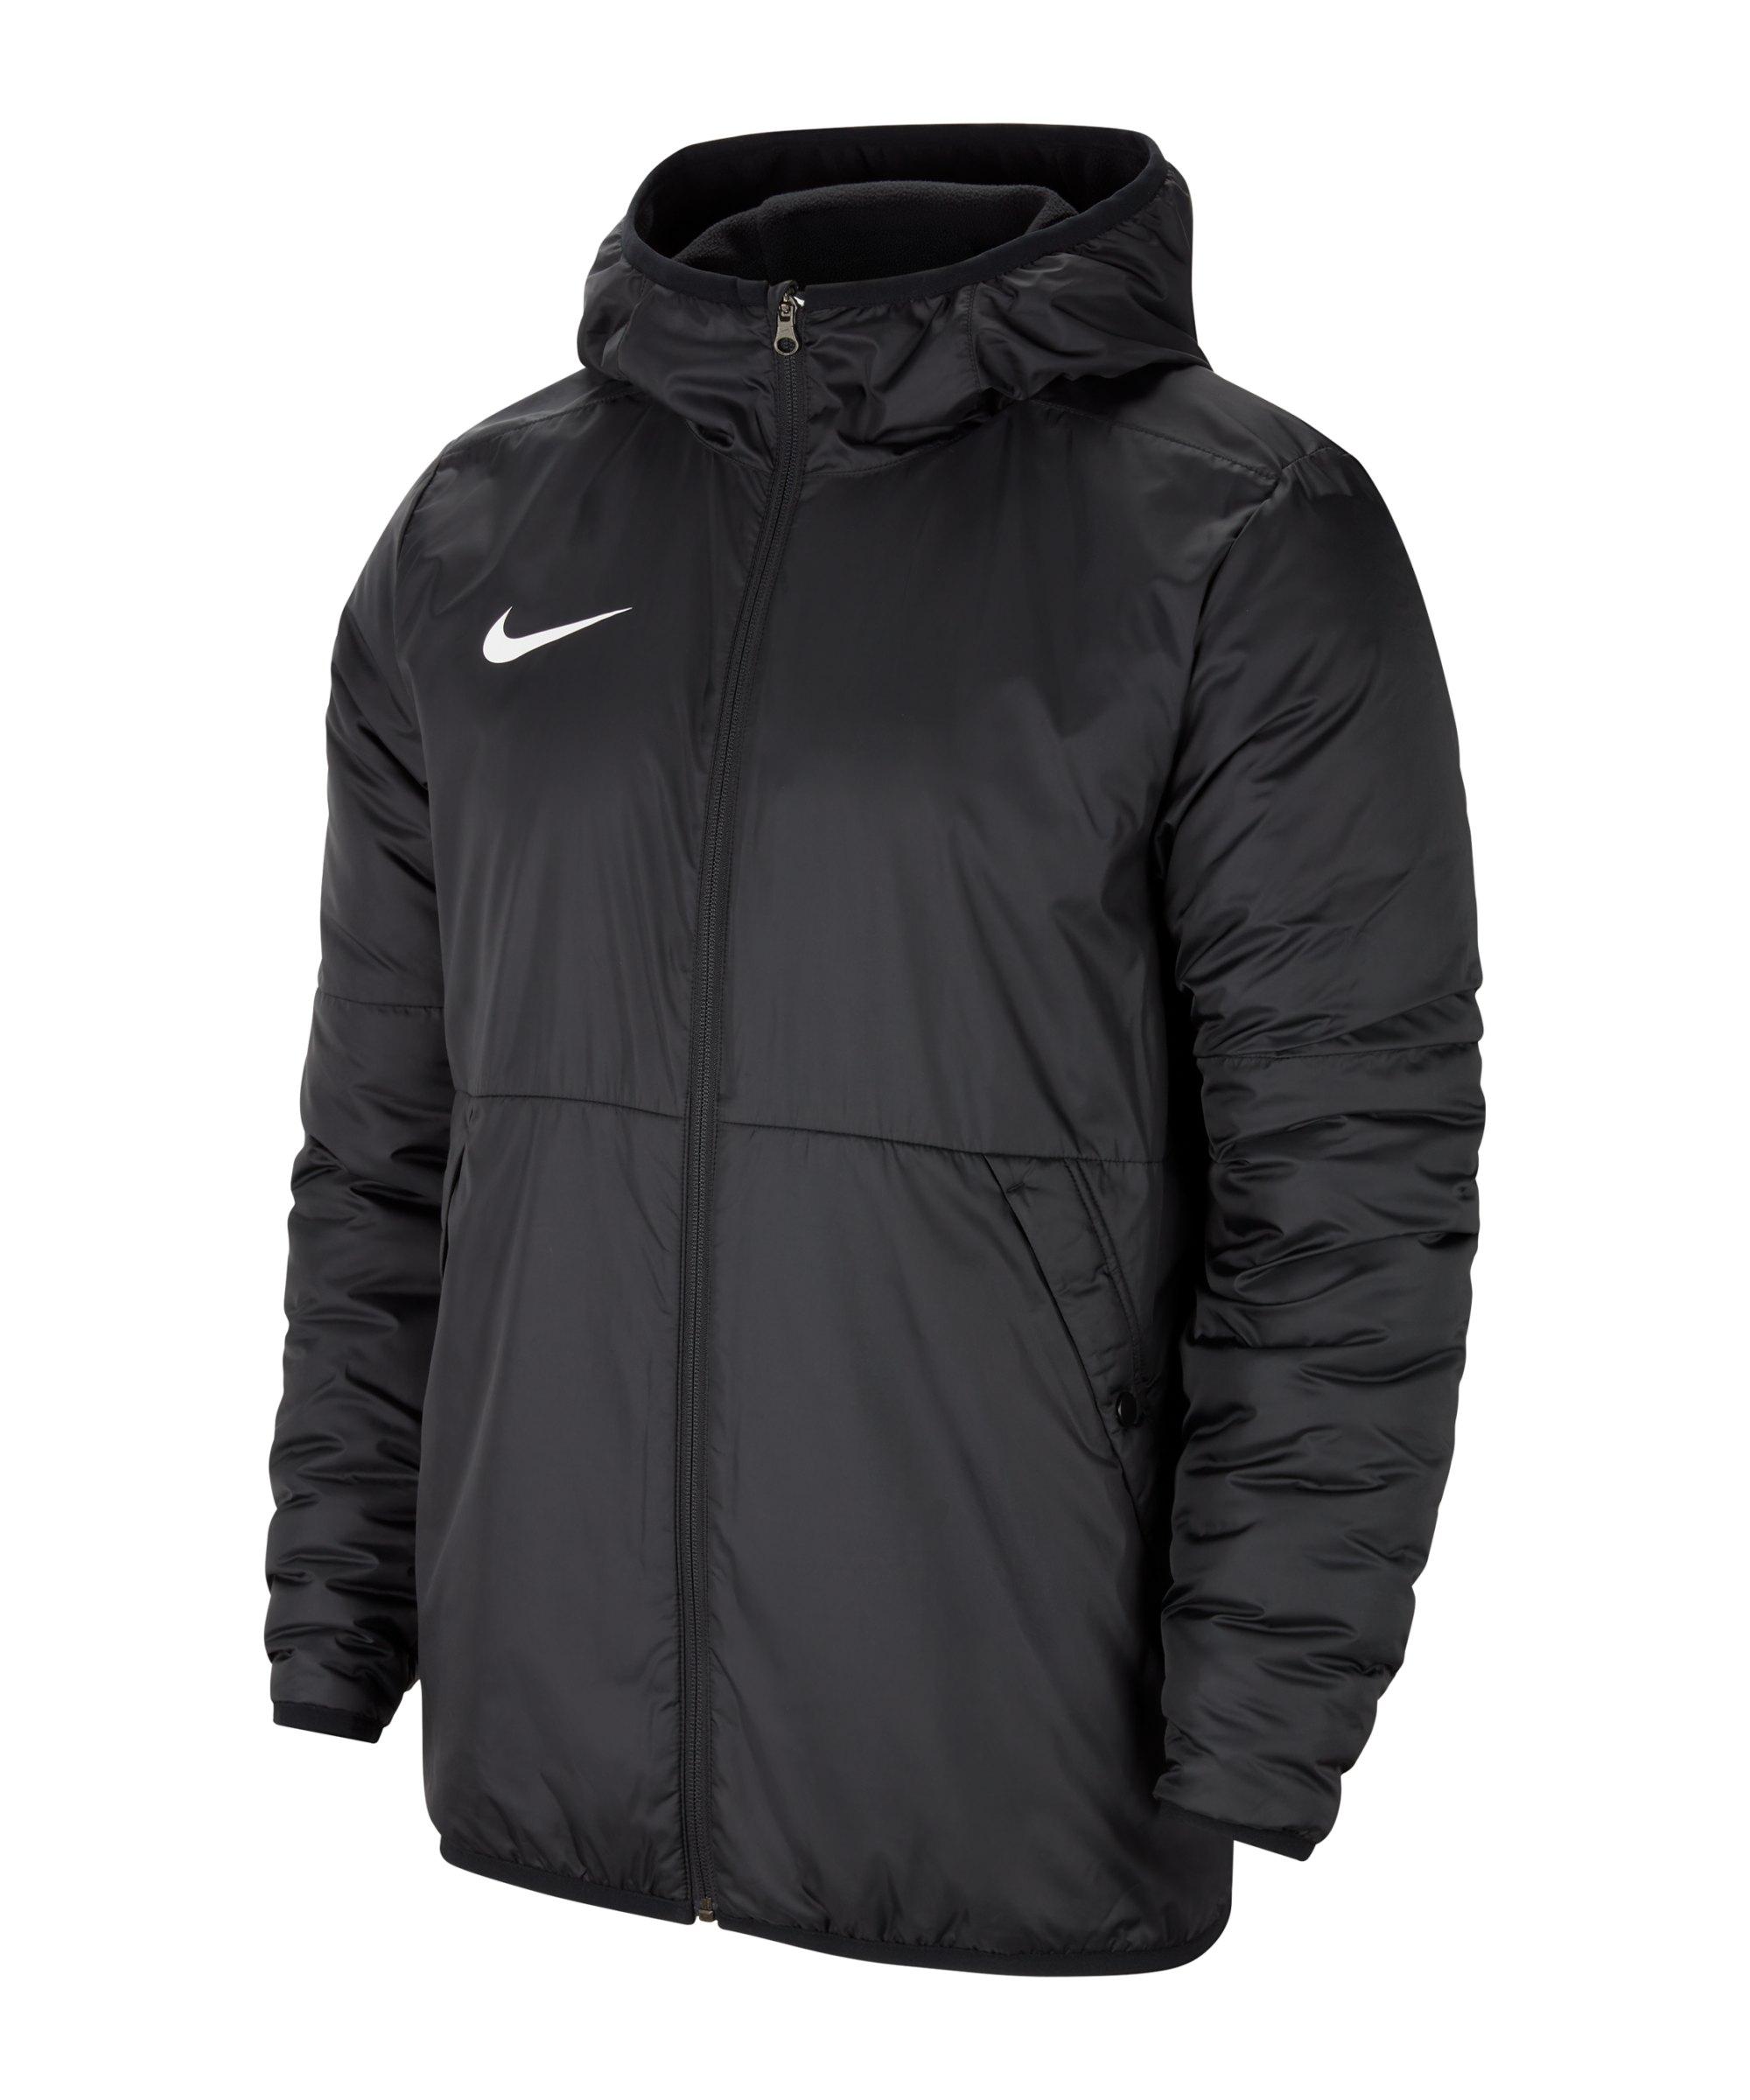 Nike Park 20 Fall Regenjacke Schwarz F010 - schwarz